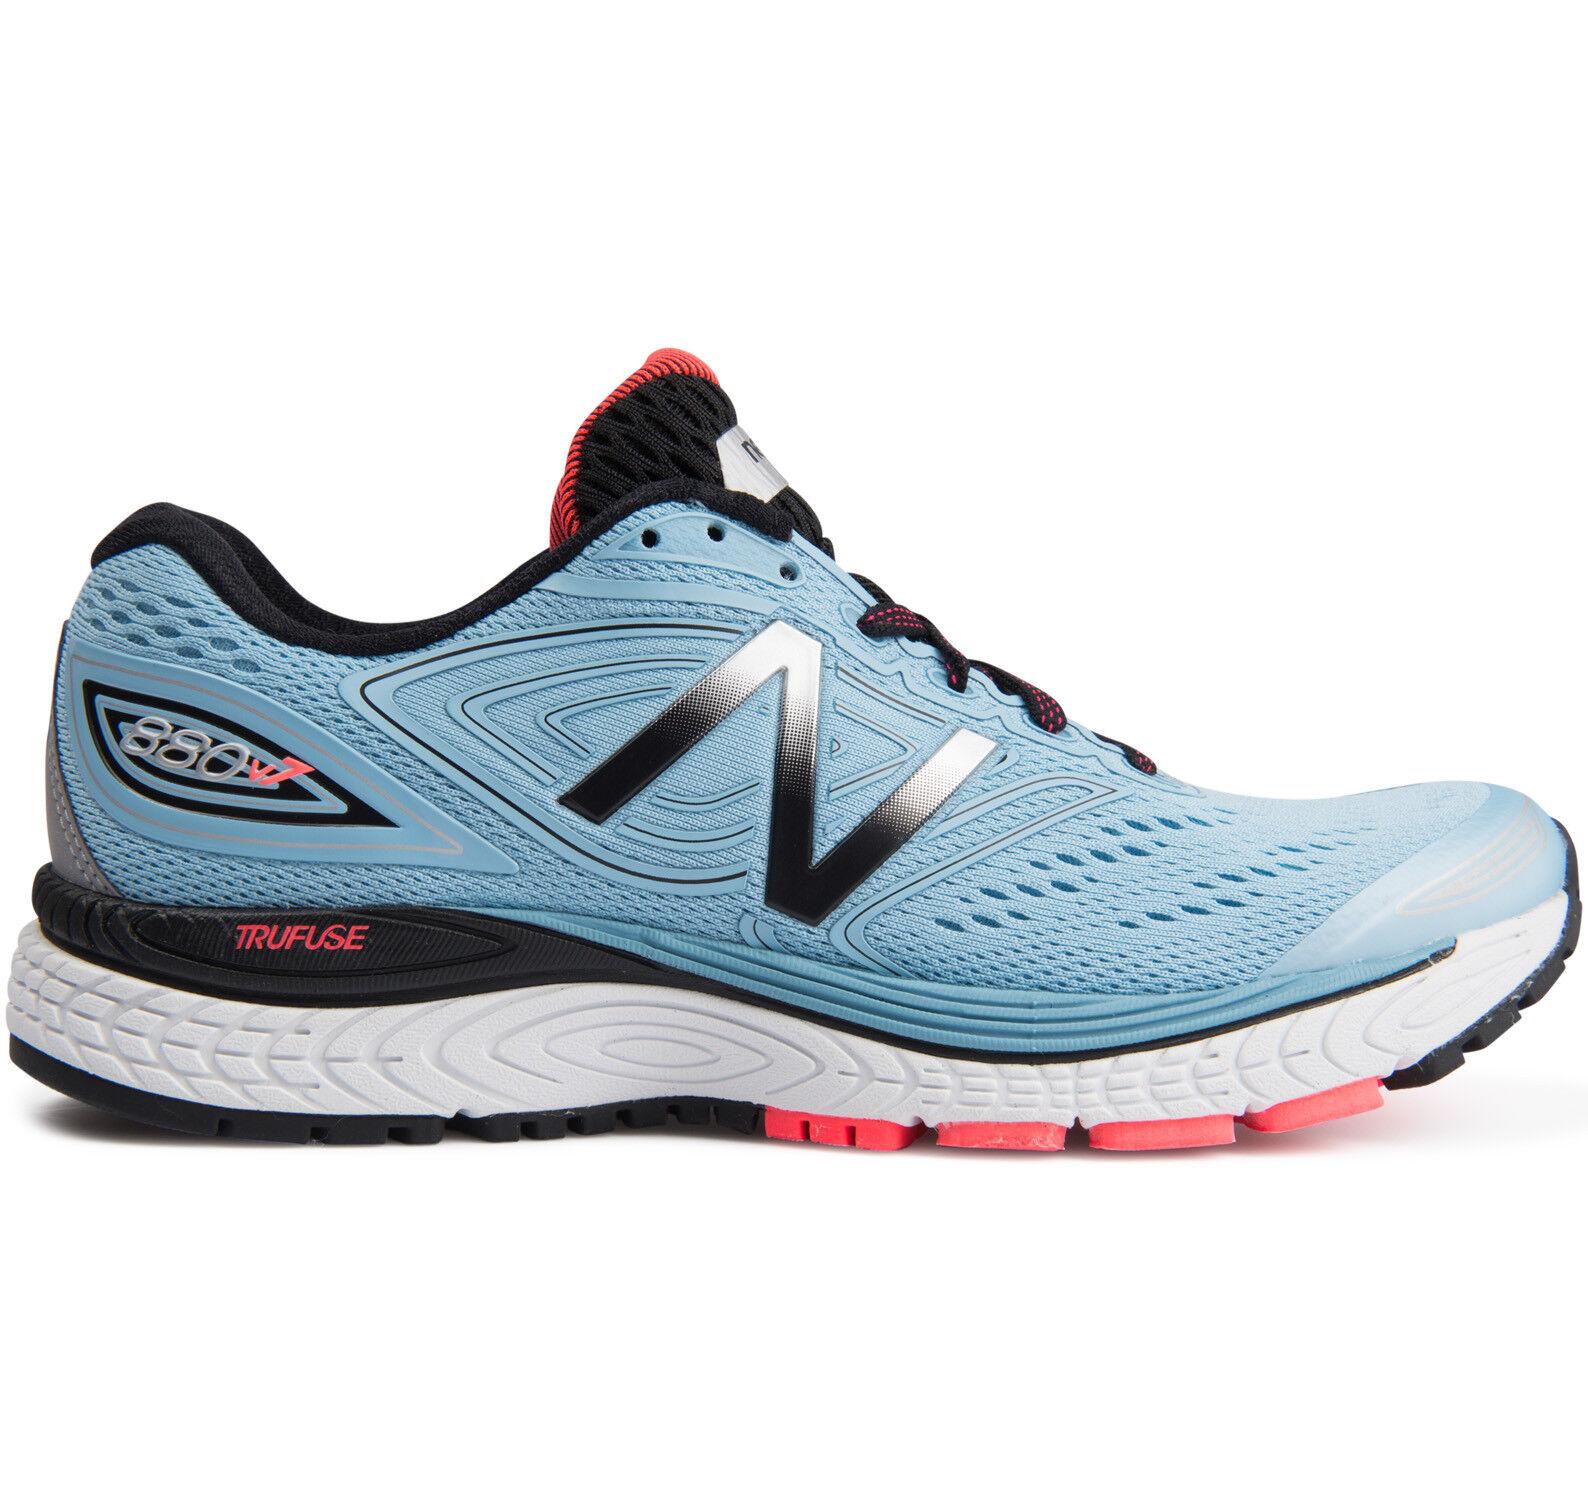 New Balance Damenschuhe 880 V7 Damenschuhe Balance Running M880SY7 Schuhe Scarpa da Strada Corsa Azzurra 73b7f8